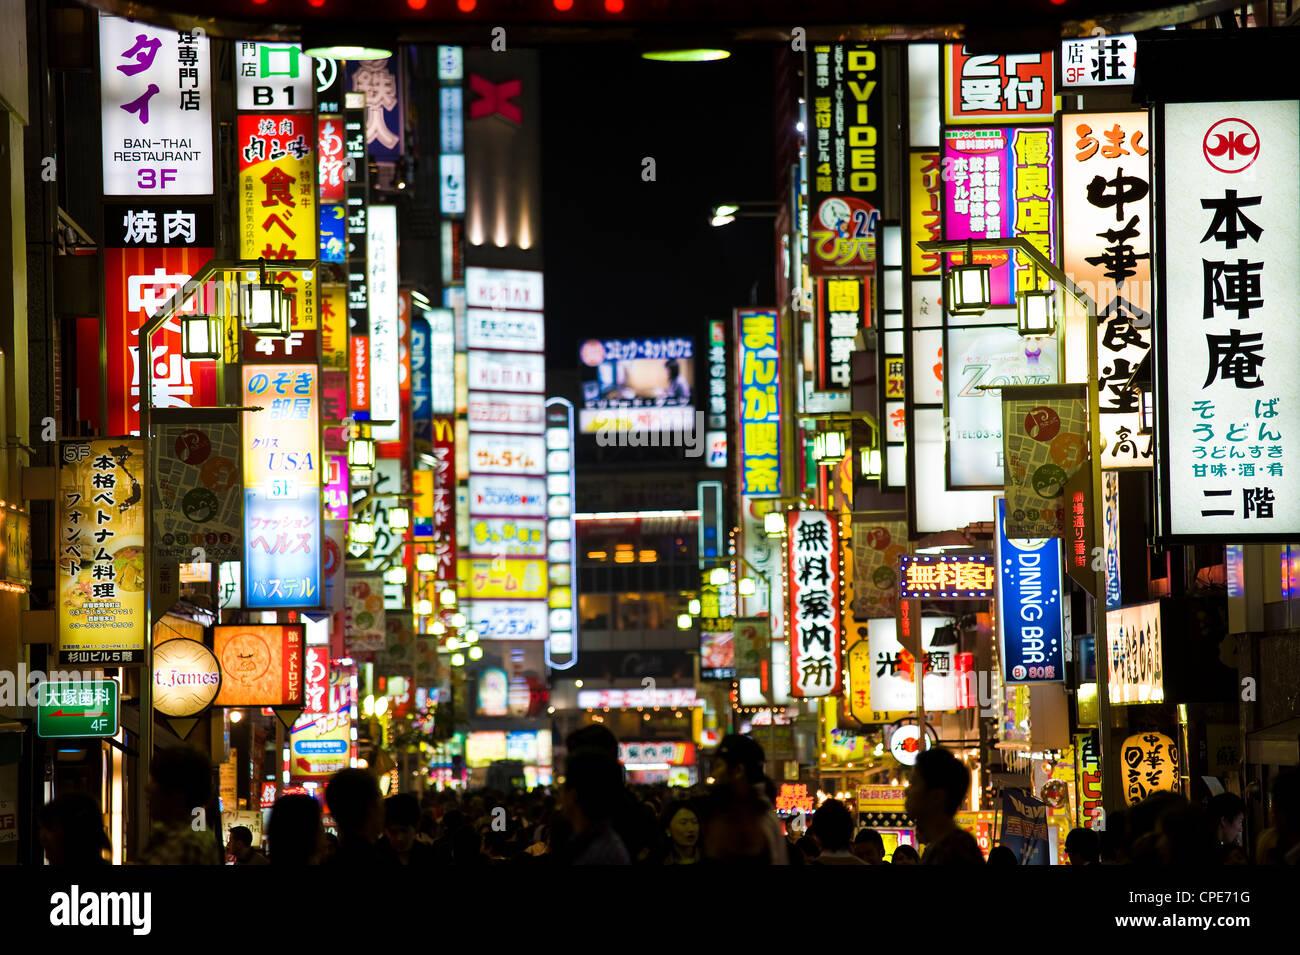 Enseignes au néon, Kabukicho, Shinjuku, Tokyo, Japon, Asie Photo Stock